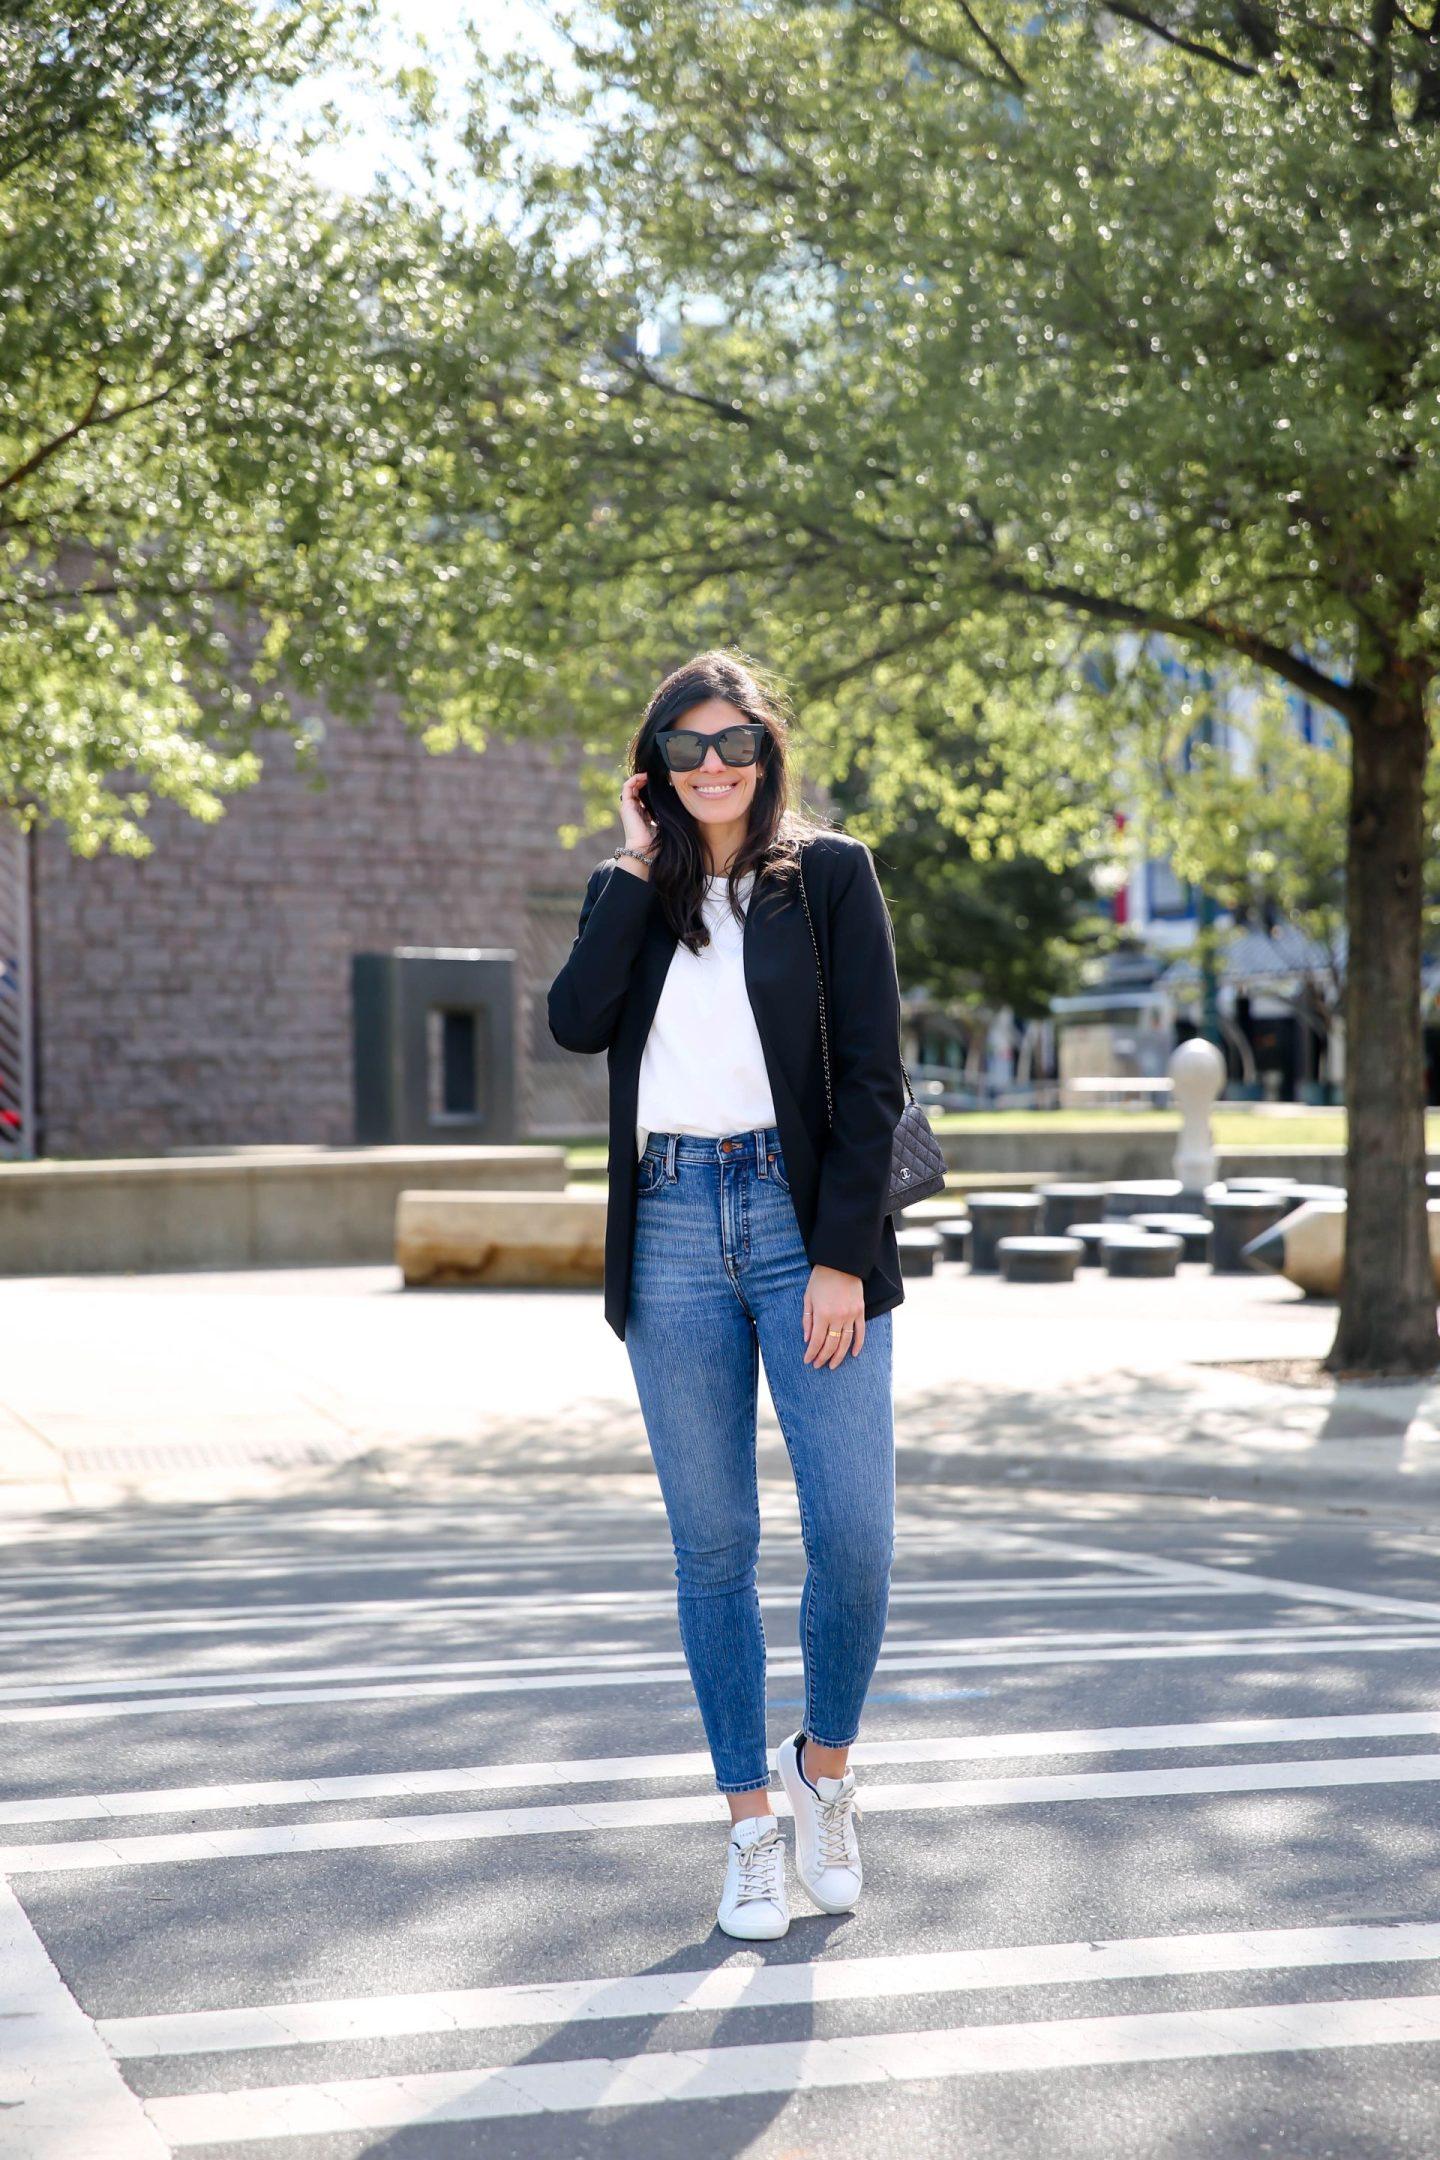 white tee, black blazer - casual chic style inspiration -  Lauren Schwaiger Style Blog